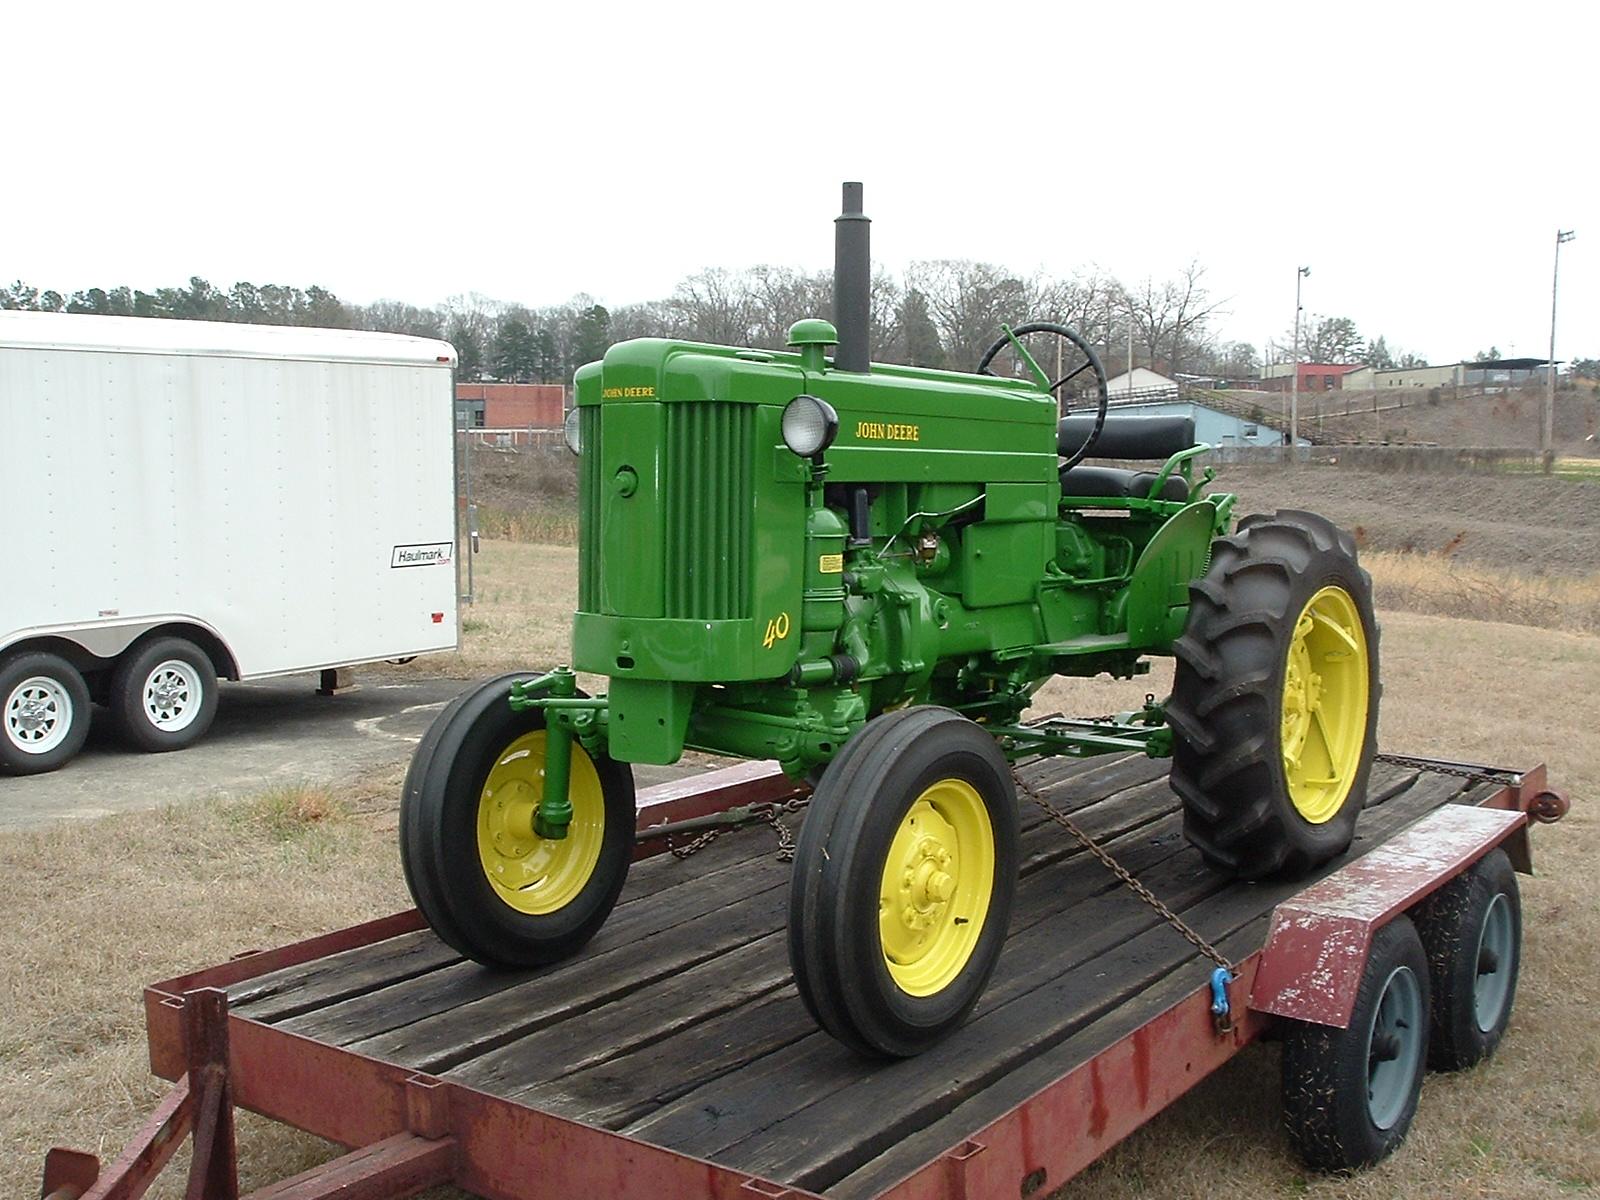 John Deere 40 Parts : The model tocoa ga tractor show